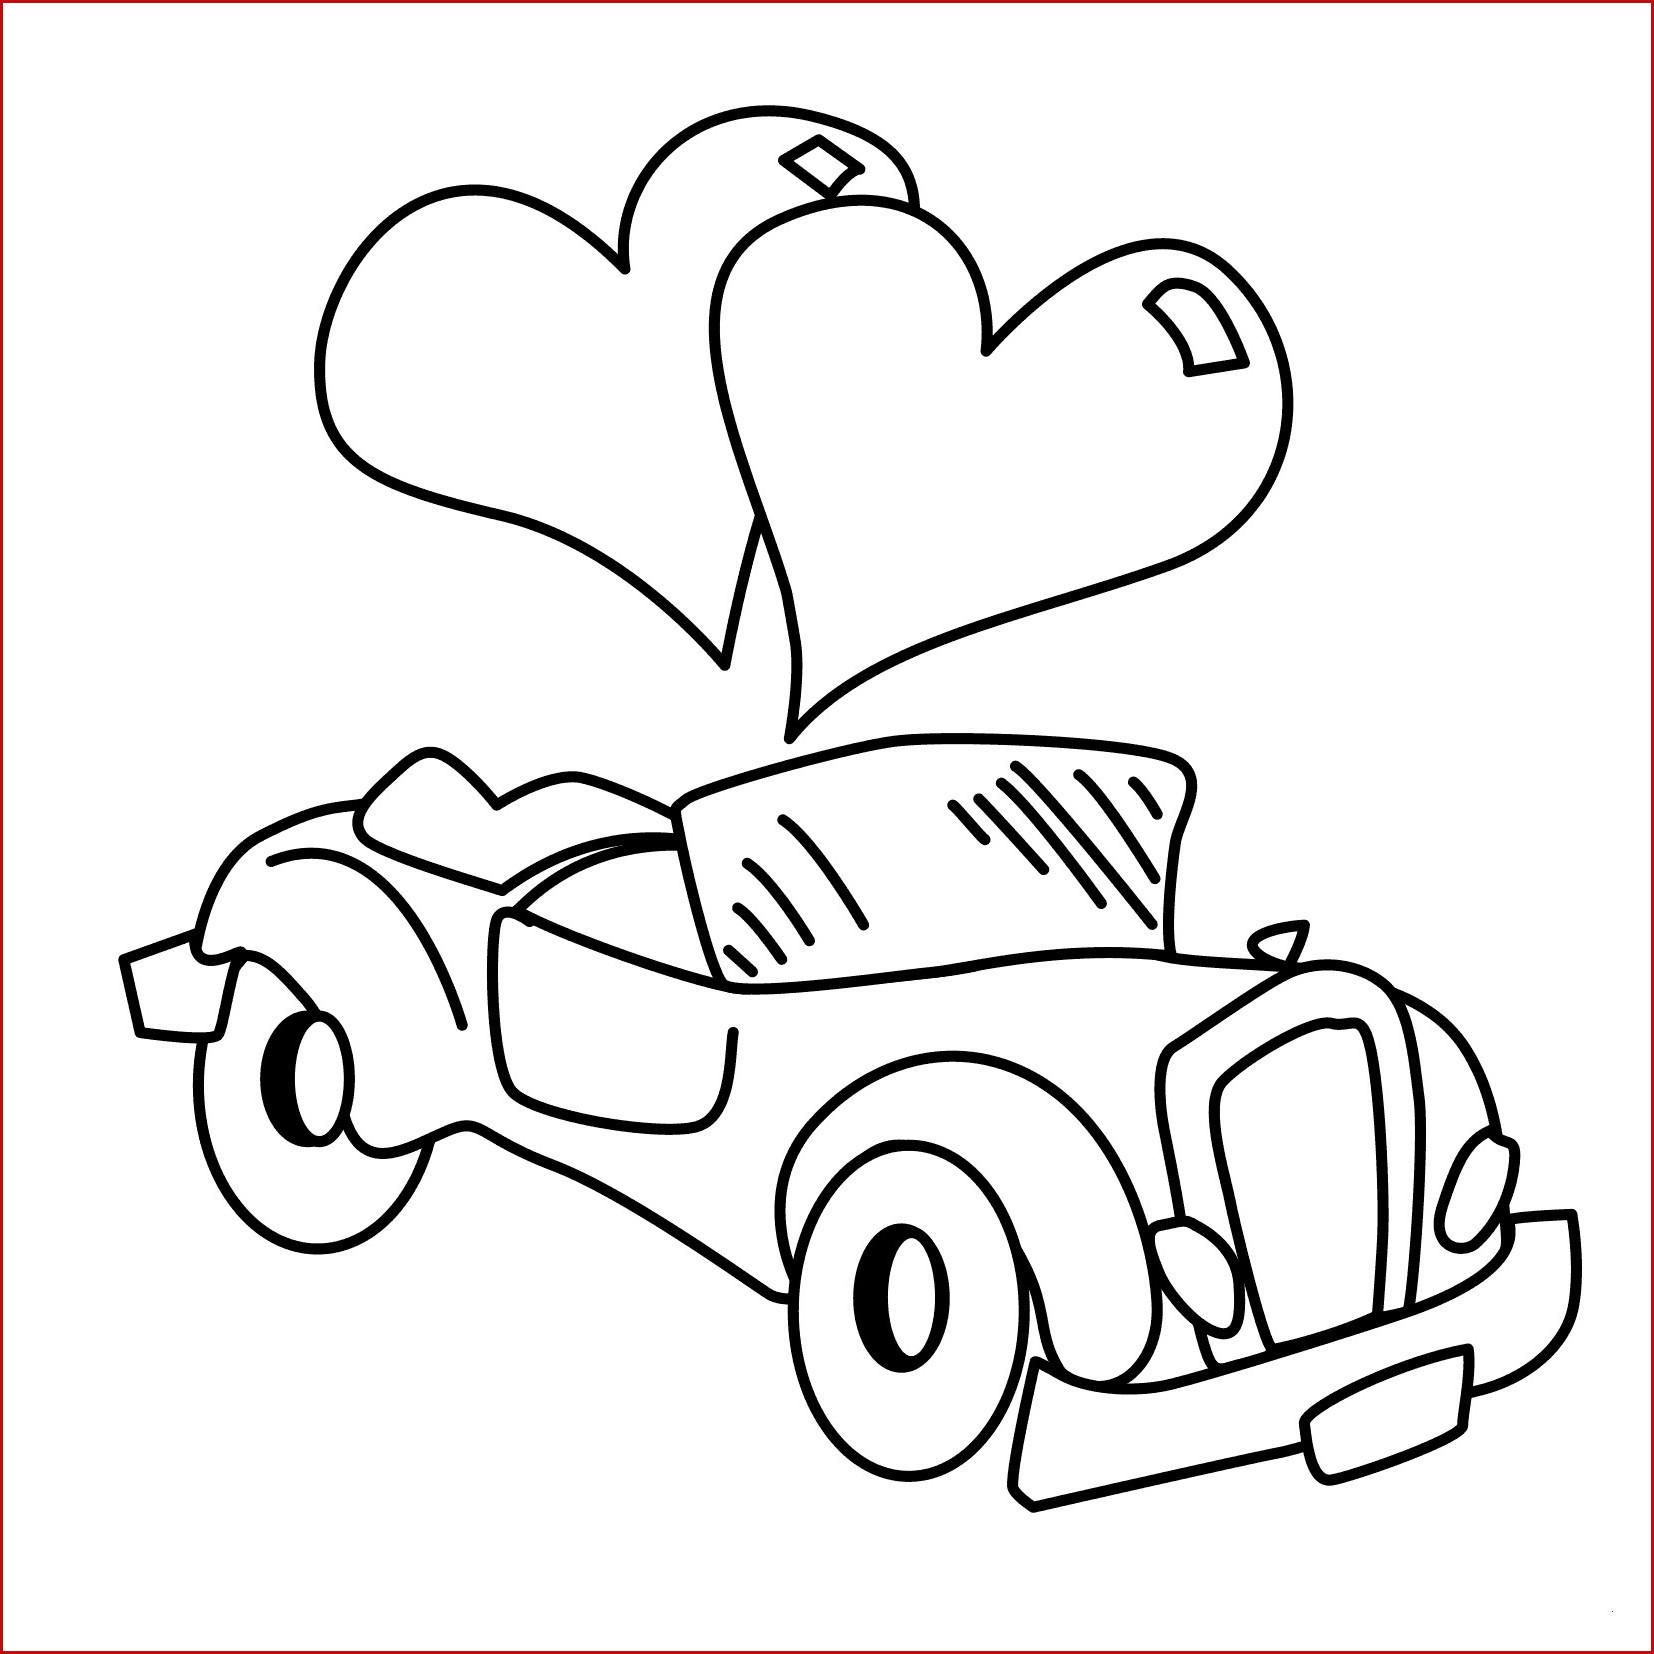 ausmalbilder lamborghini frisch lamborghini drawing auto